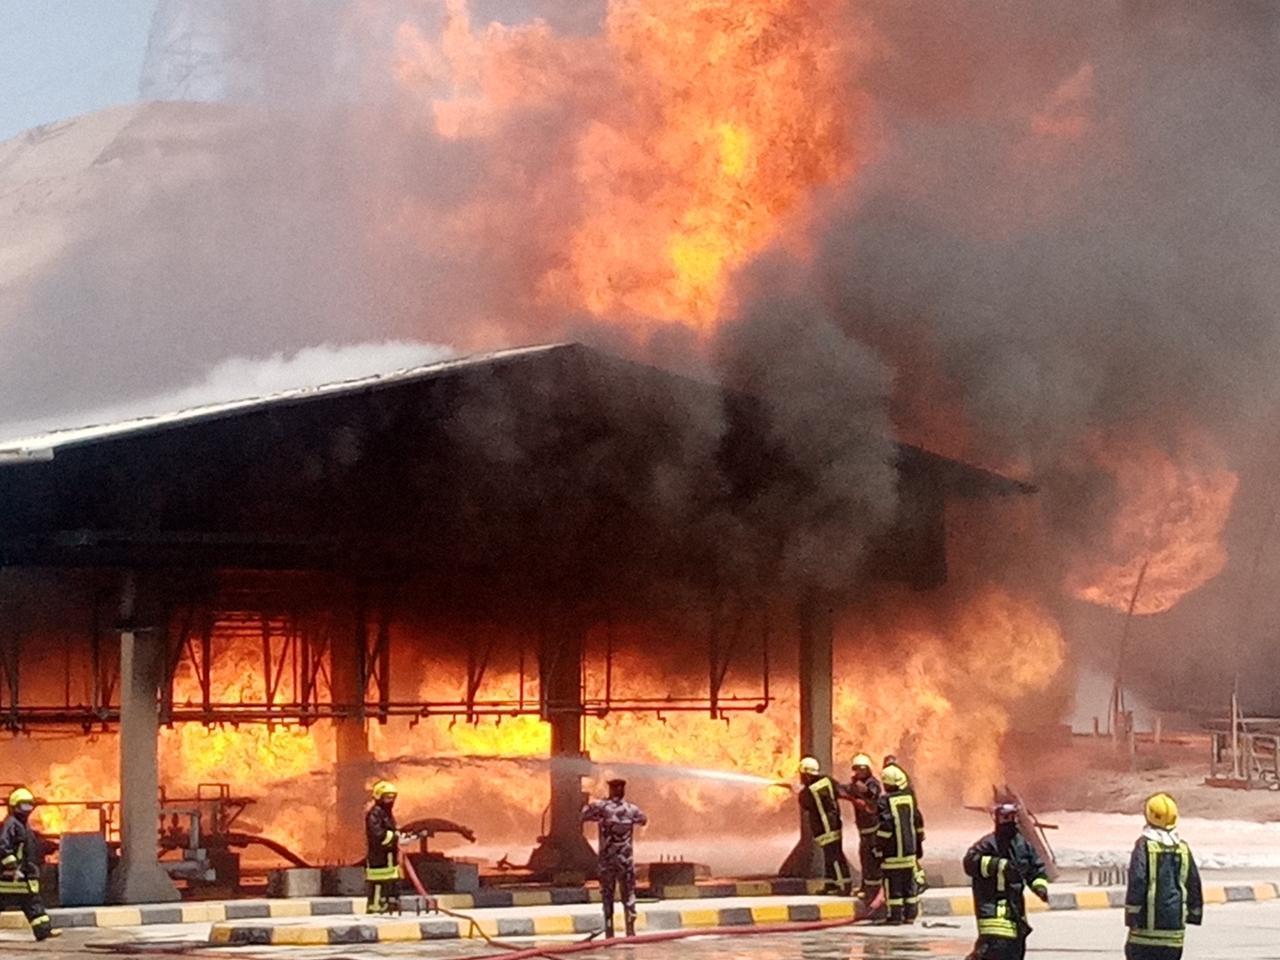 الدفاع المدني يتمكن من اخماد حريق خطوط نفط في محافظة العقبة